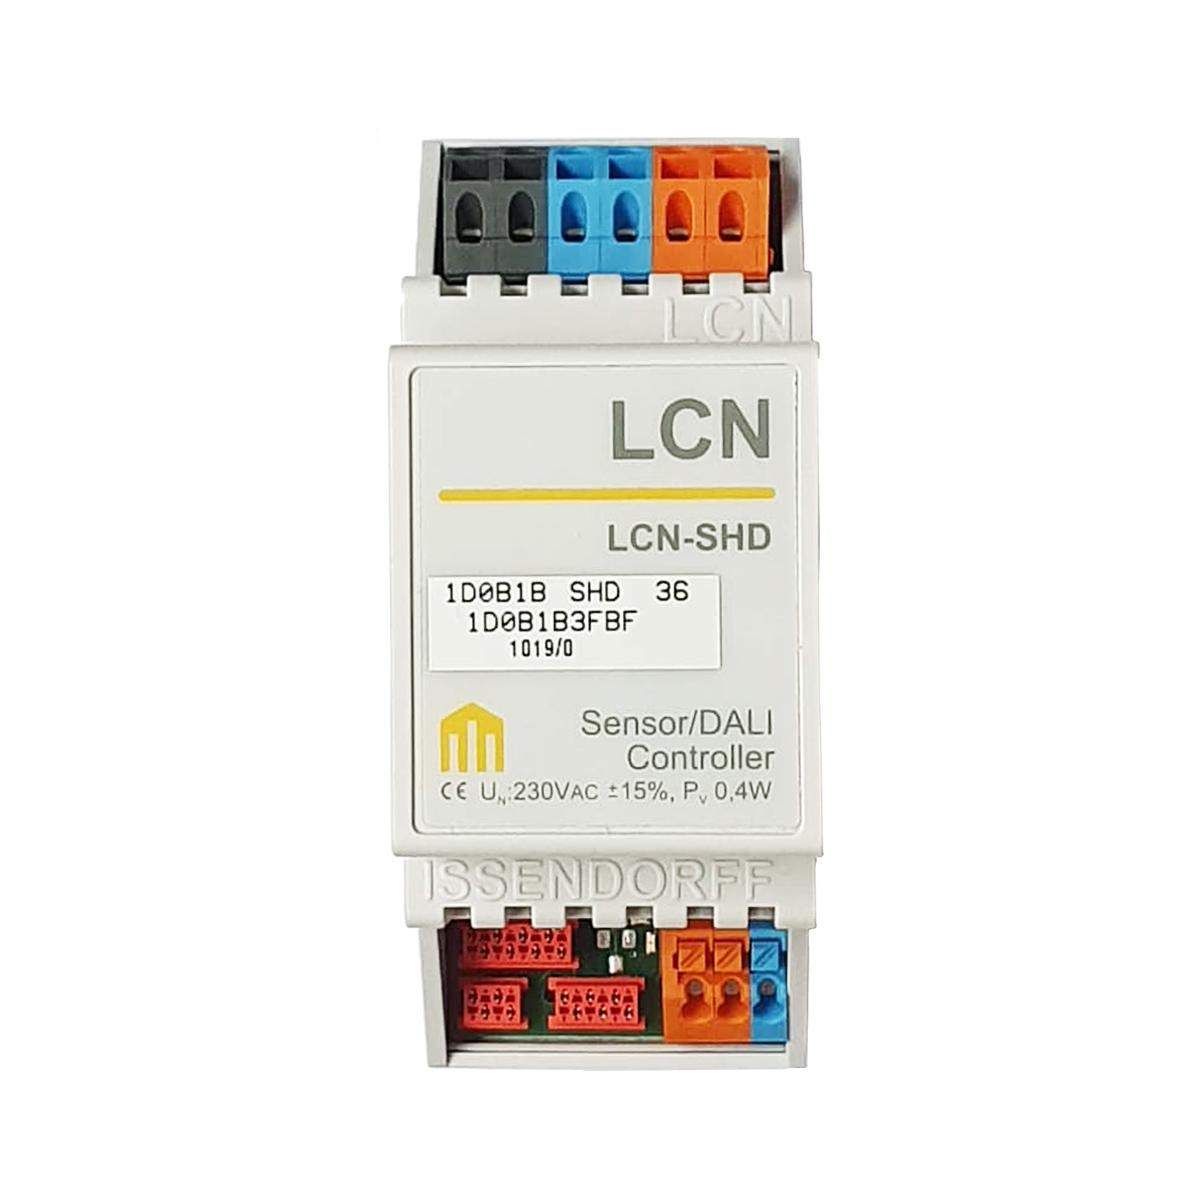 LCN-SHD